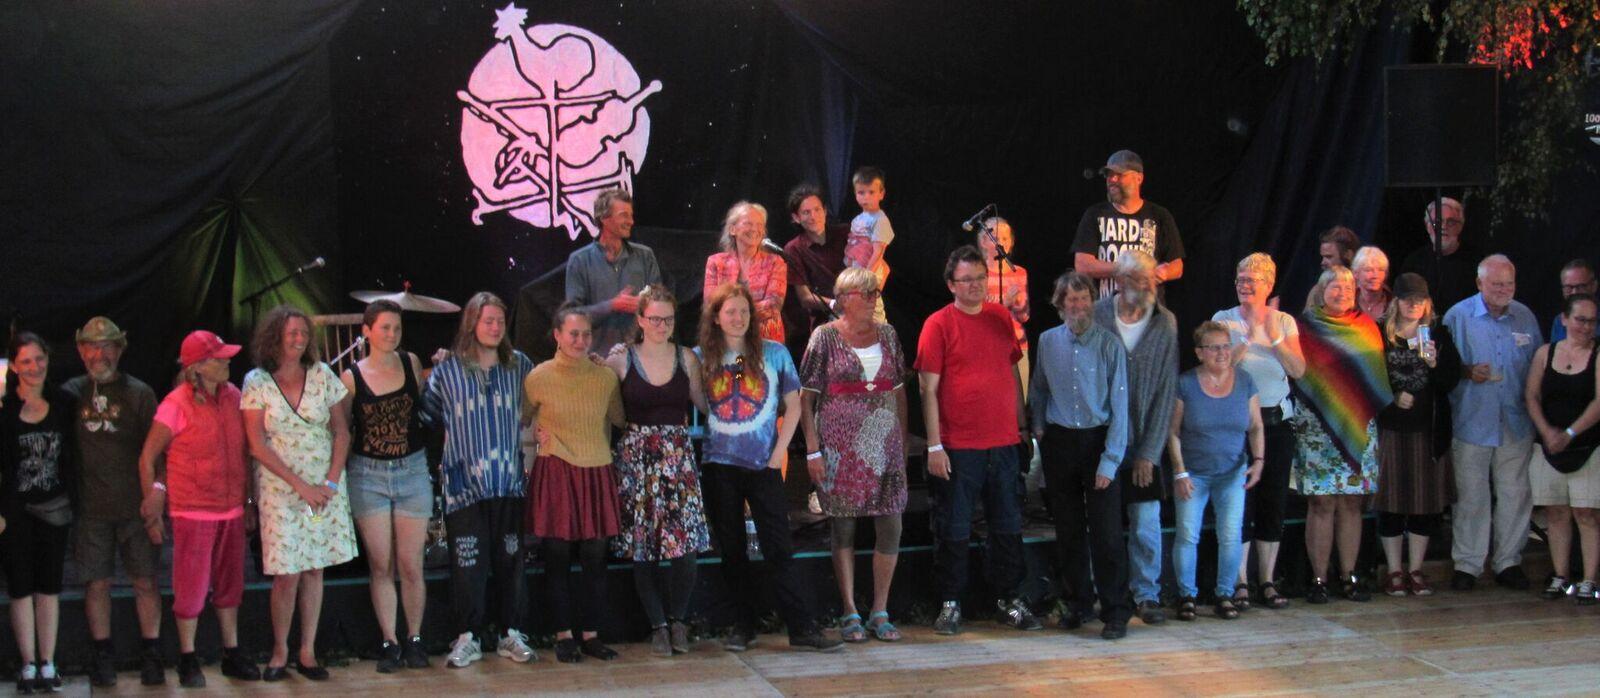 Alle de frivillige på scenen, torsdag aften i Danseladen